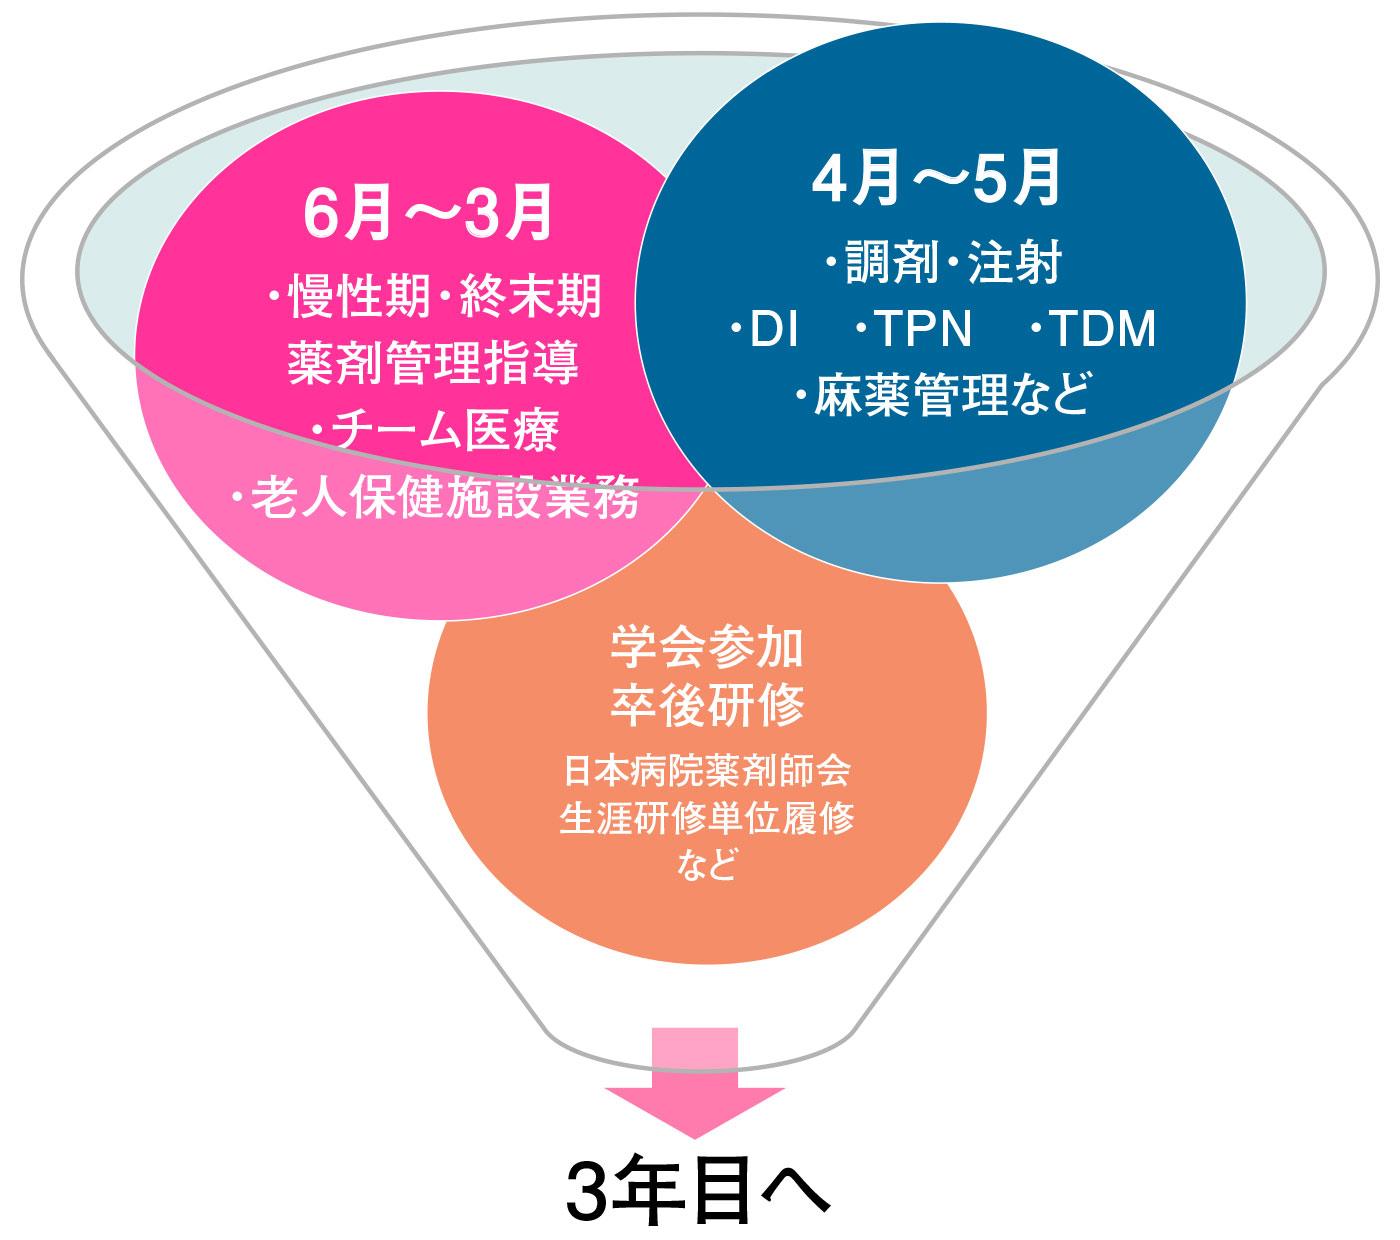 薬剤師新人教育スケジュール(2年目)~慢性期・終末期・ケアミックス病院での教育~